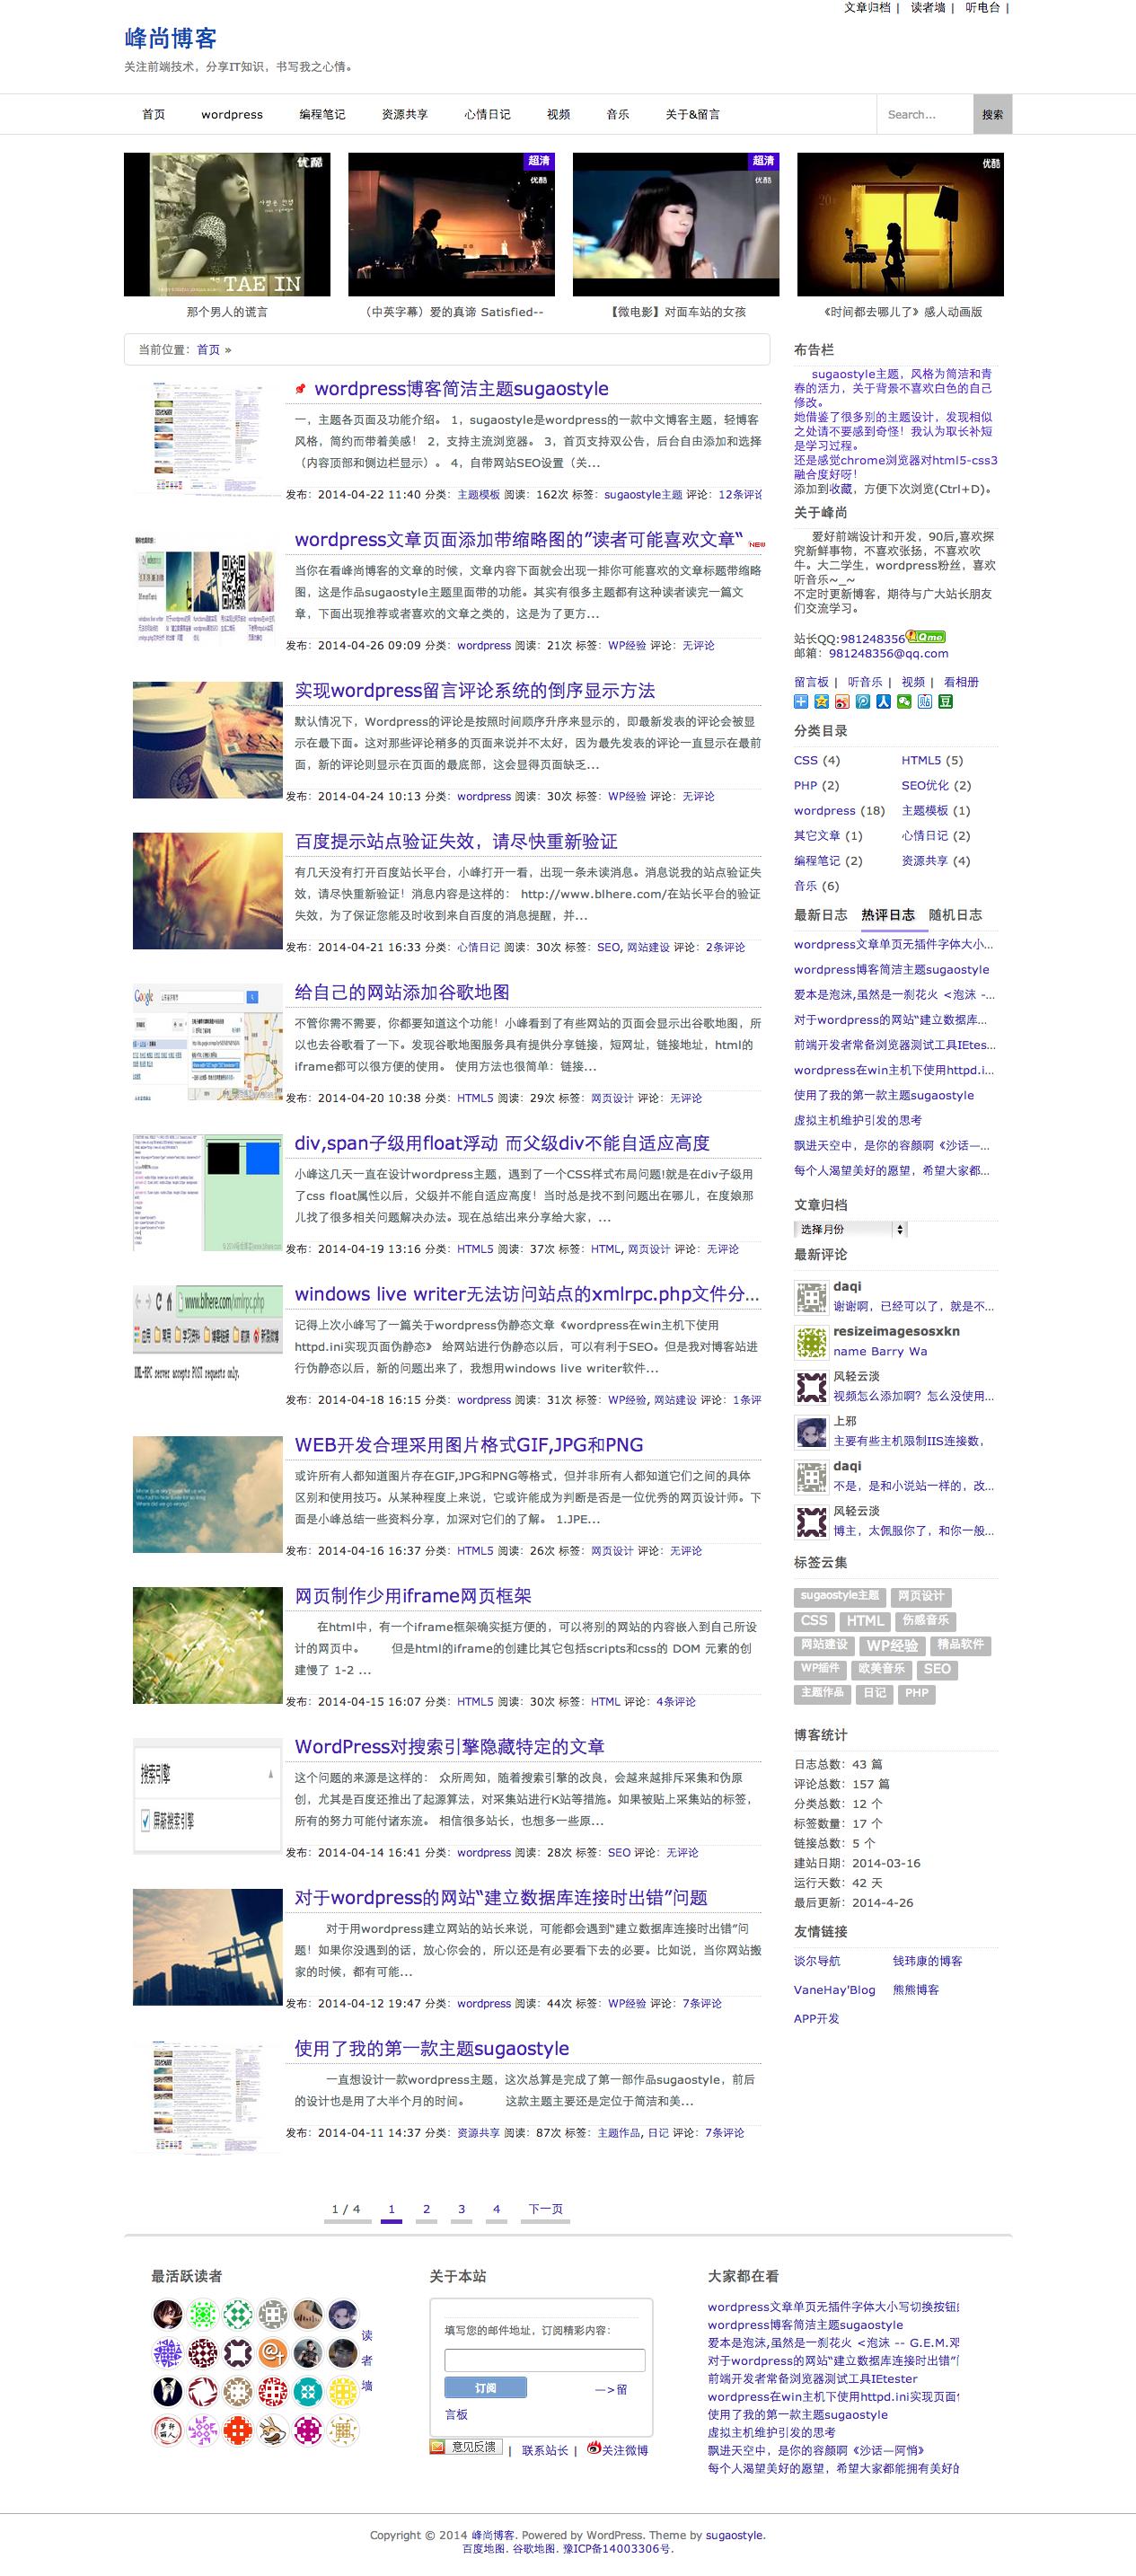 国人原创简白双栏wordpress博客主题:sugaostyle1.0